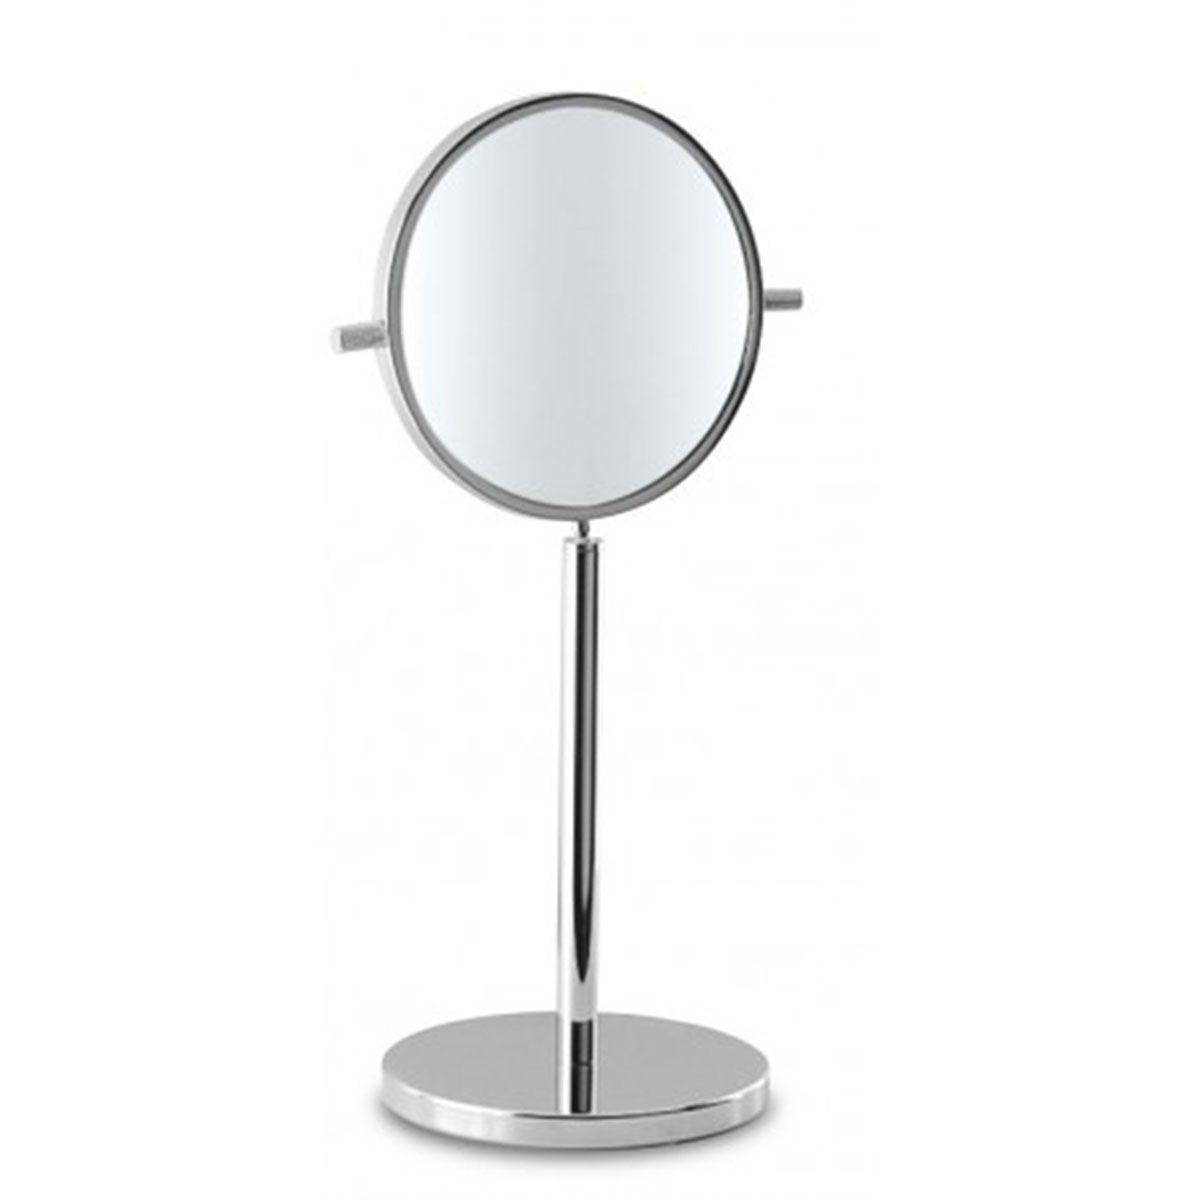 Specchio Ingranditore Da Bagno.Specchio Ingranditore Da Bagno Da Appoggio Estraibile Bottiglioni